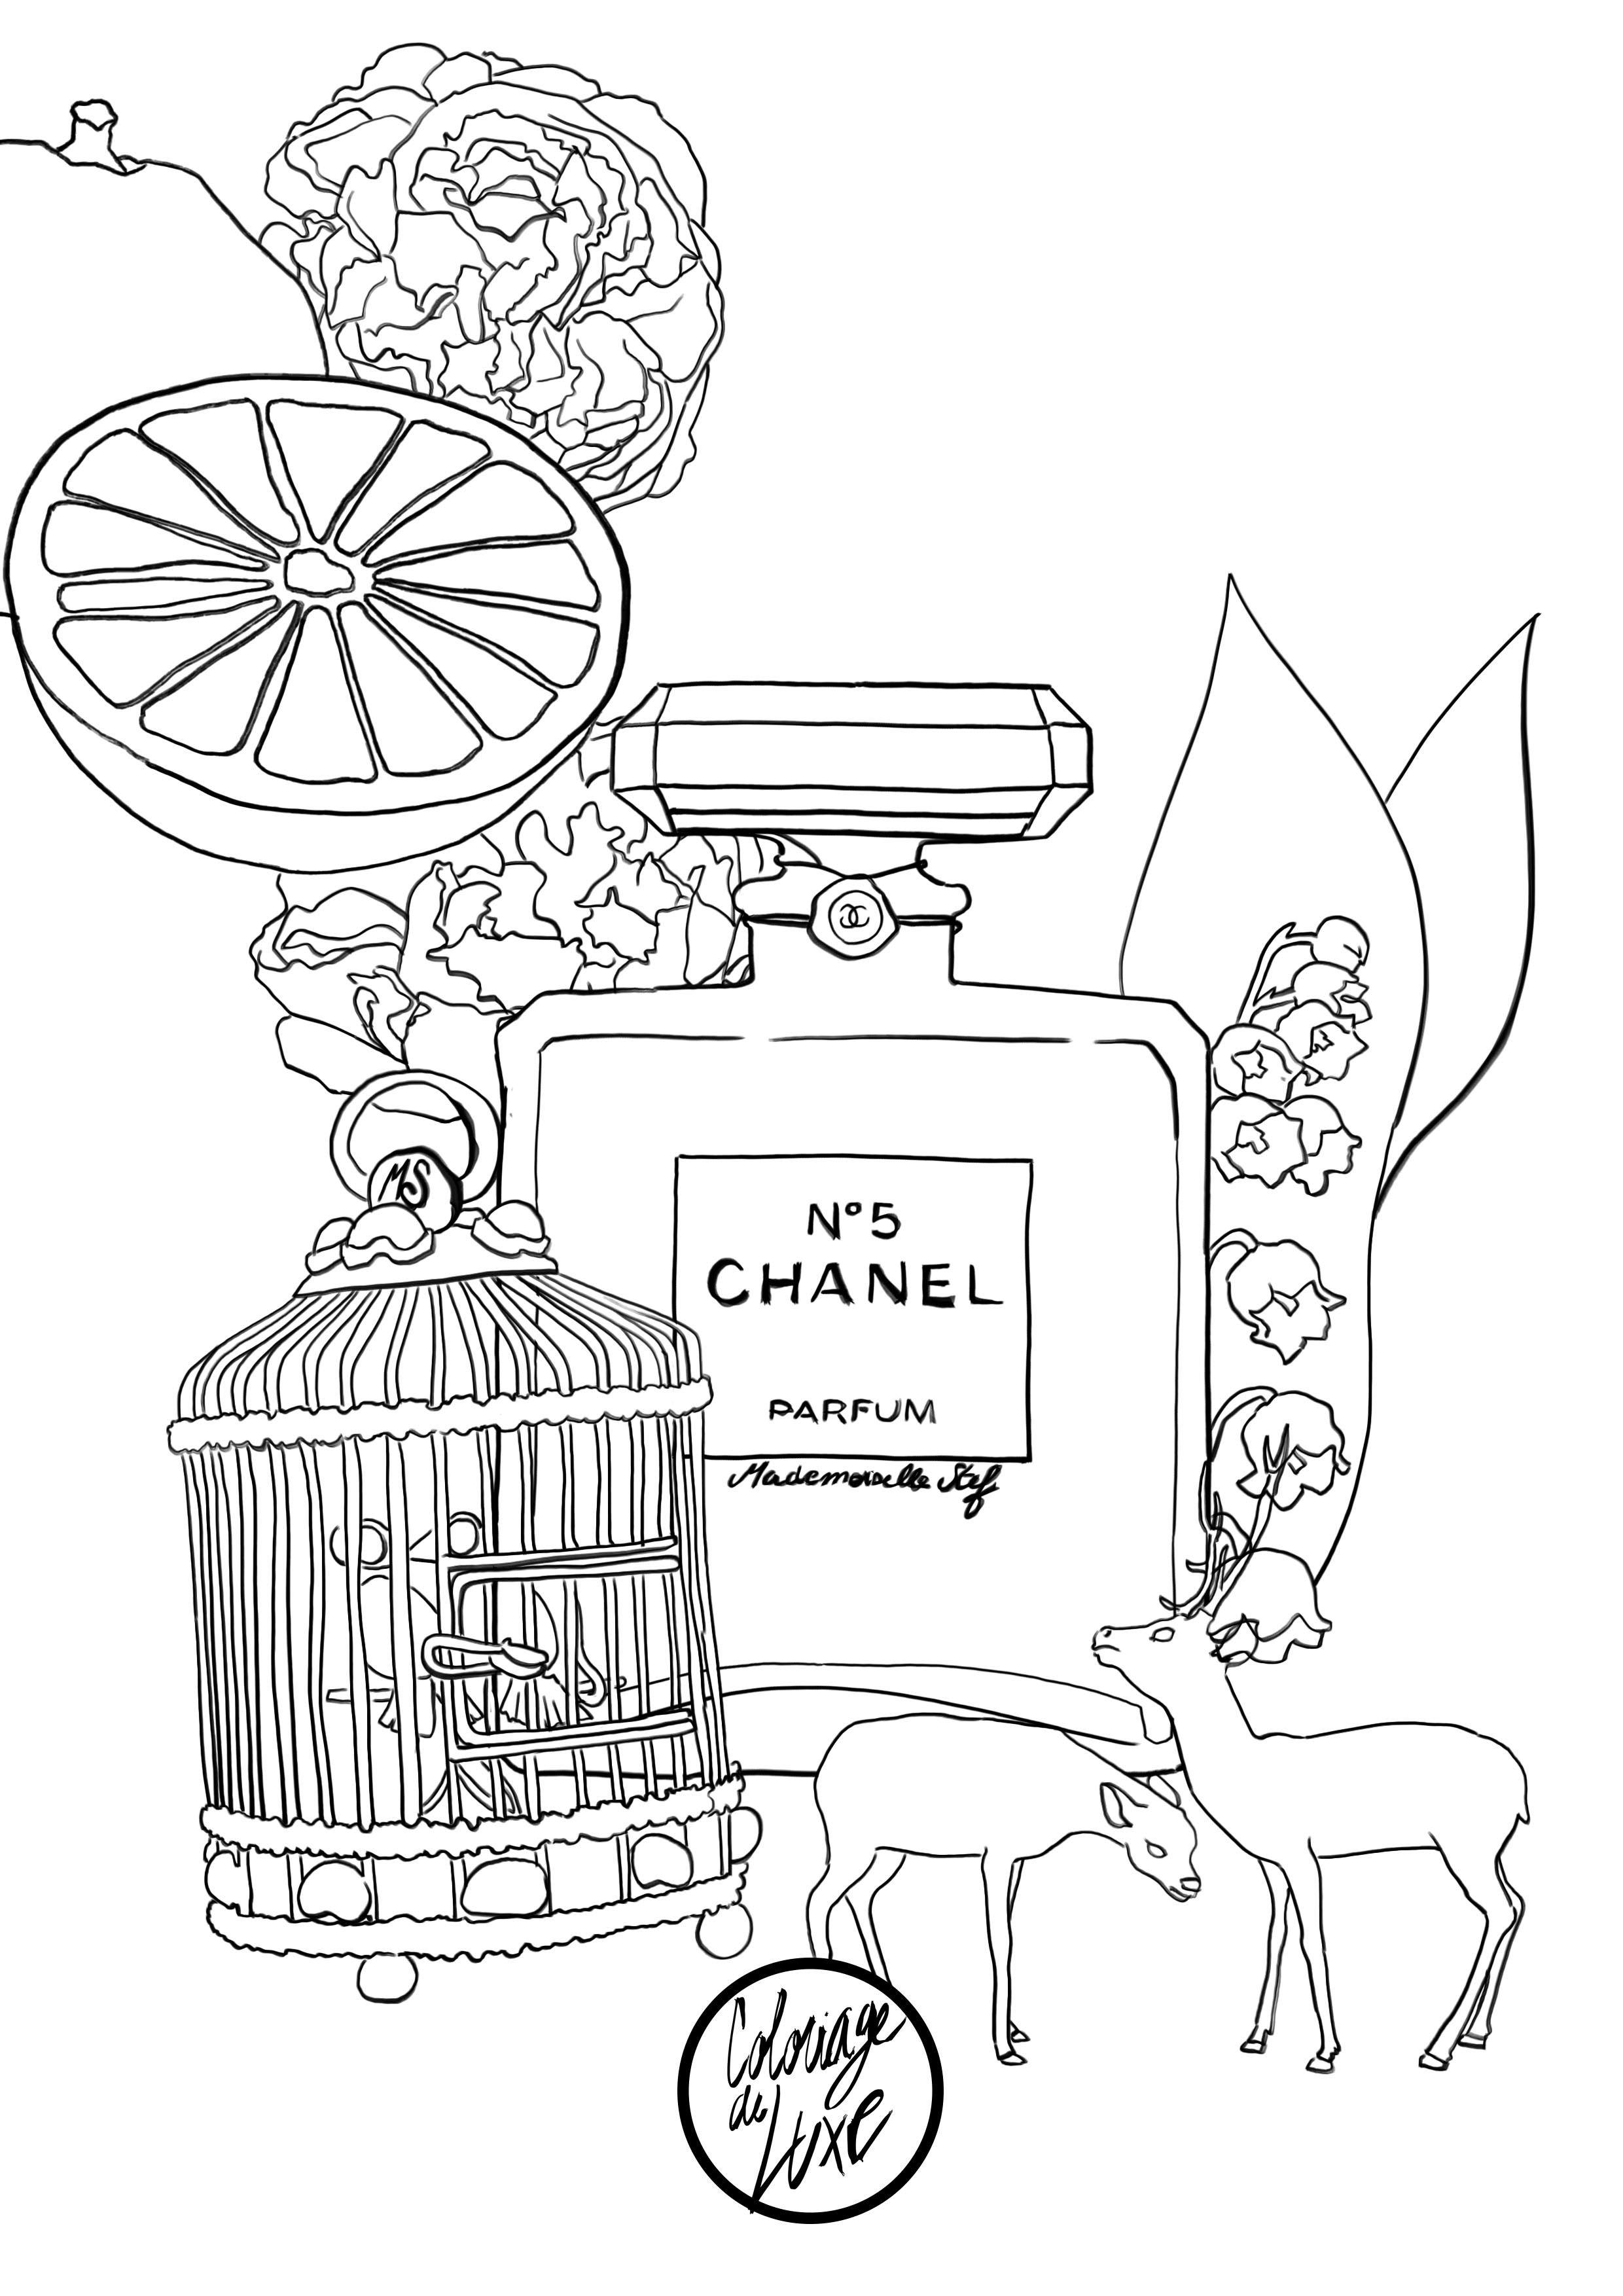 coloriage zen adulte parfum chanel 5